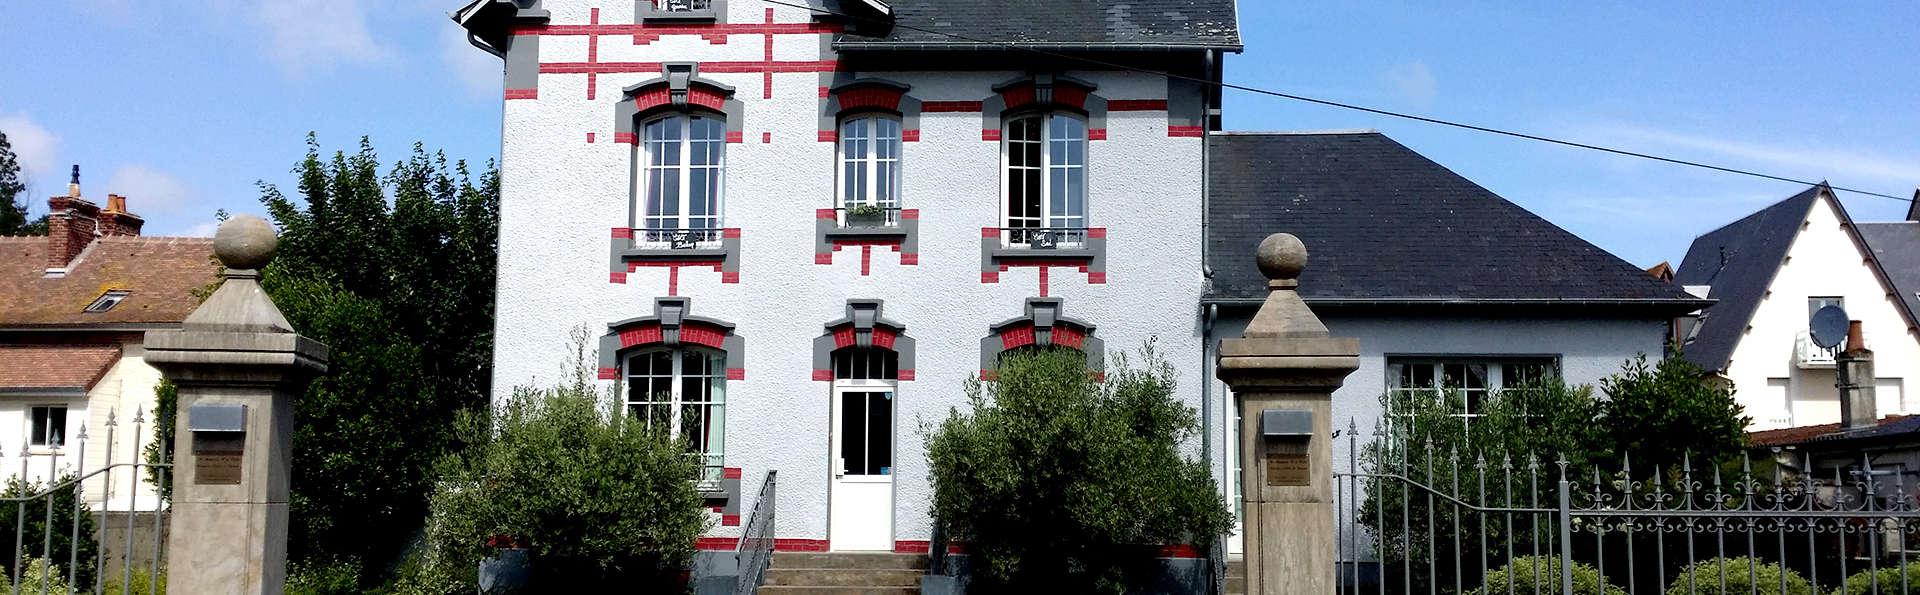 Hôtel restaurant La Pêcherie - Edit_Front3.jpg